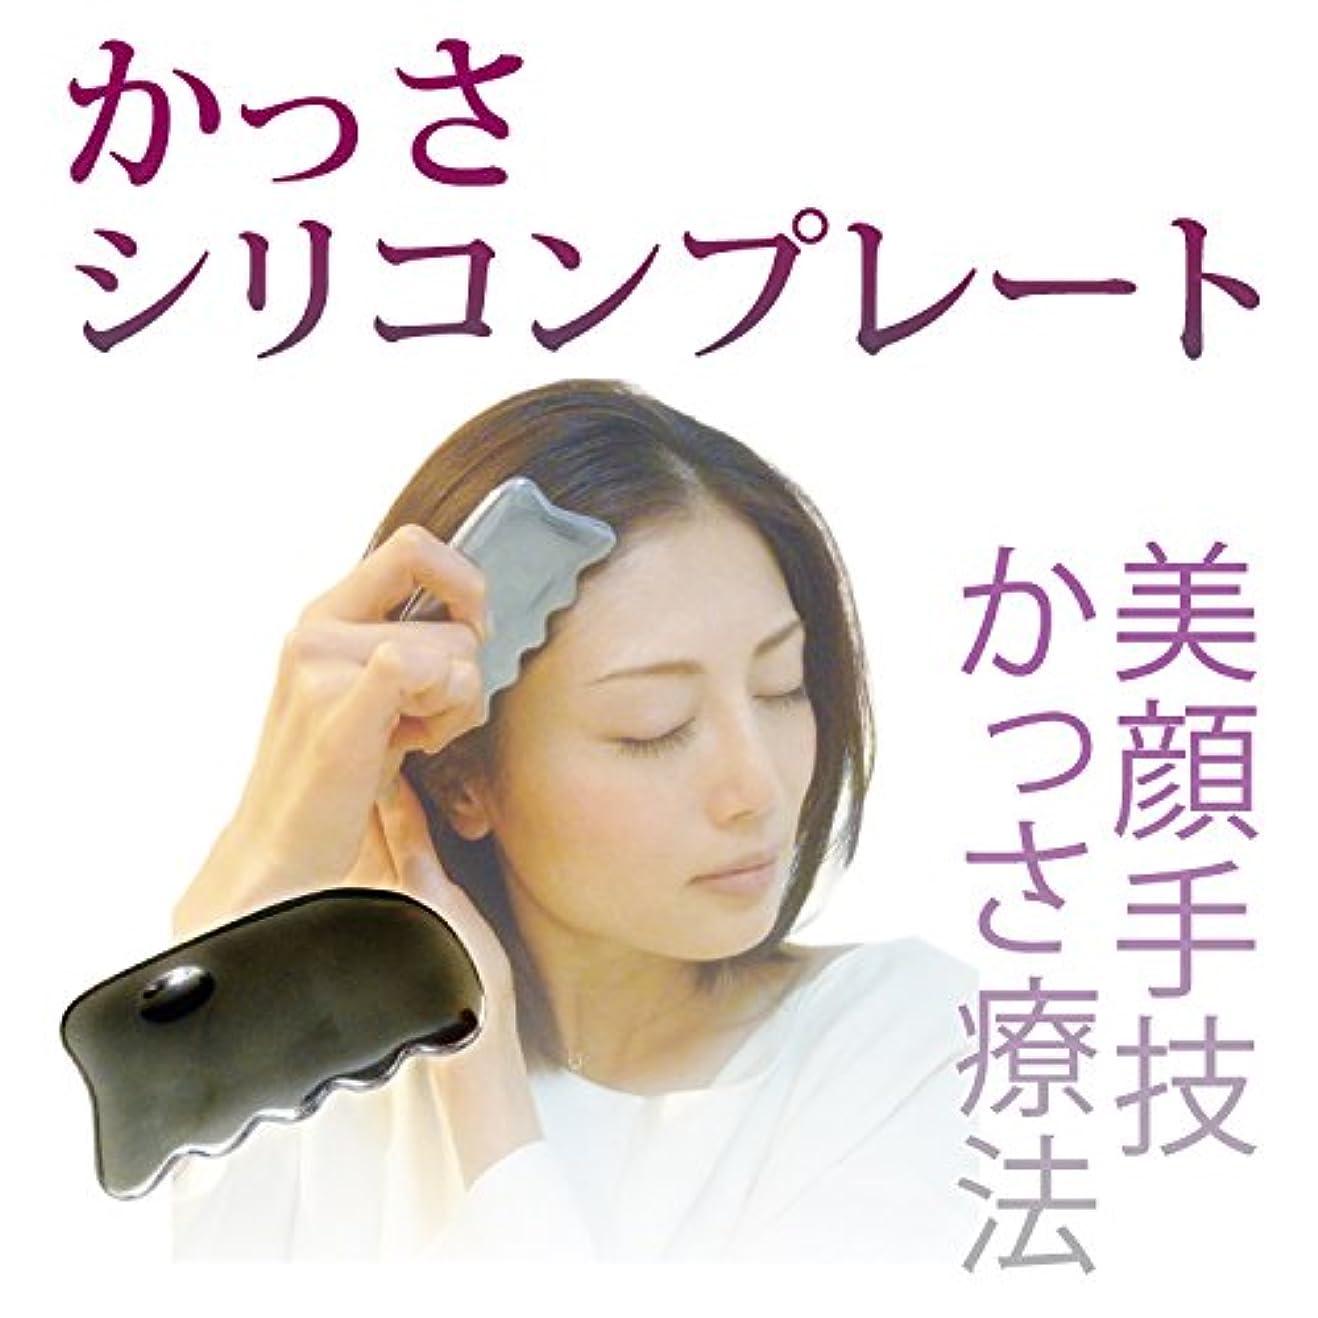 喉頭比較的掃くかっさシリコンプレート(テラヘルツ)